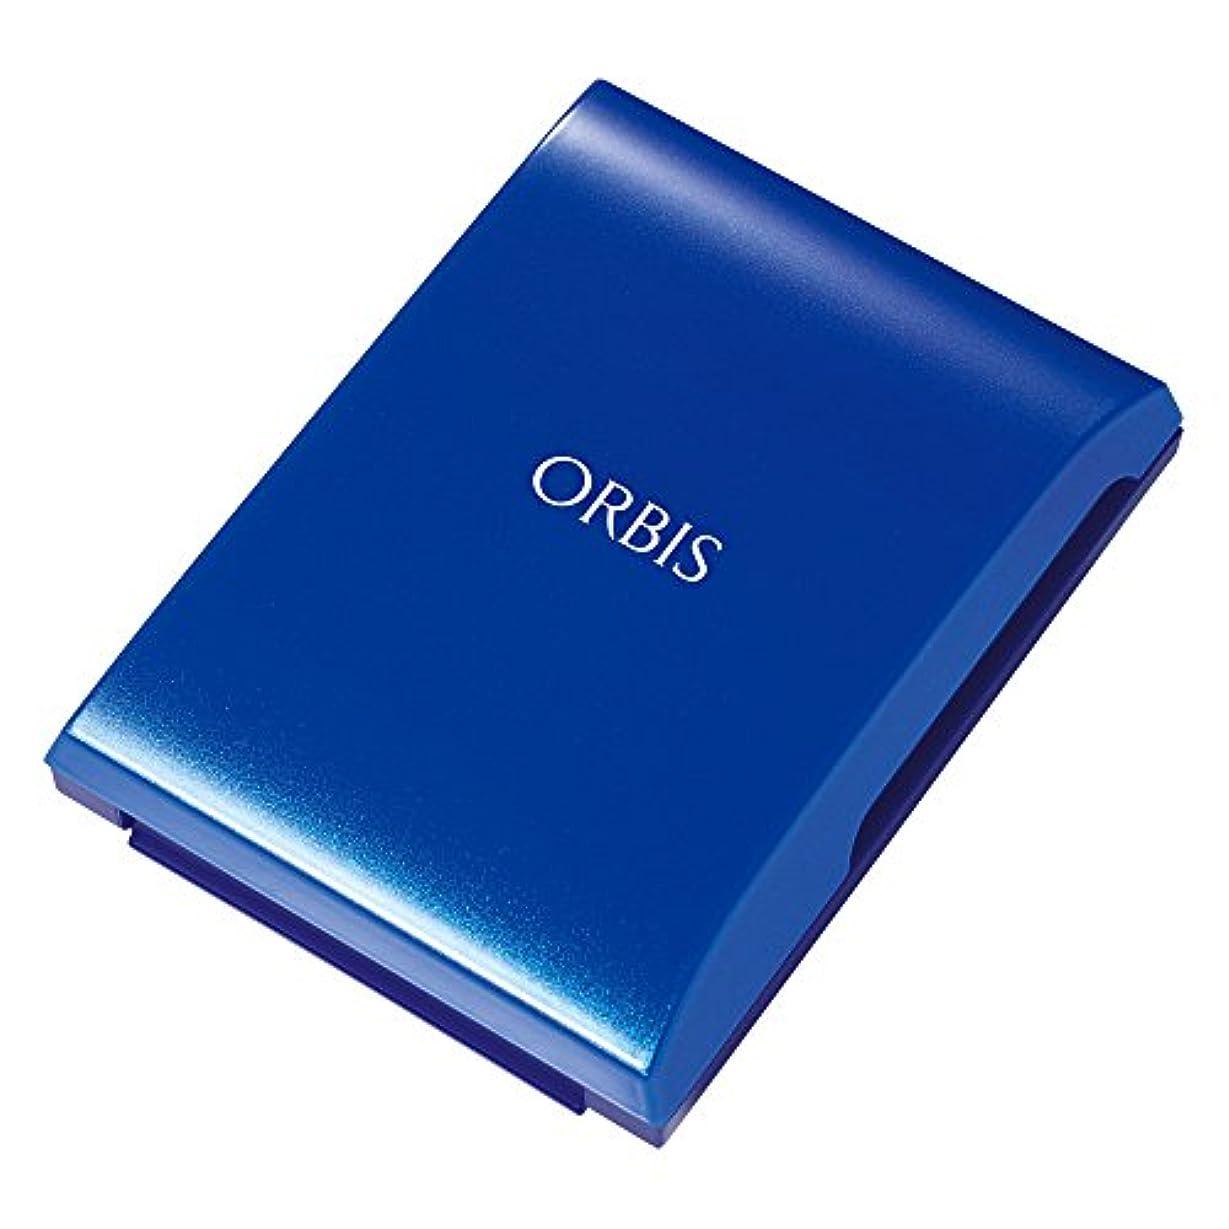 マッシュ昼食おびえたオルビス(ORBIS) クリアパウダーファンデーション 専用ケース